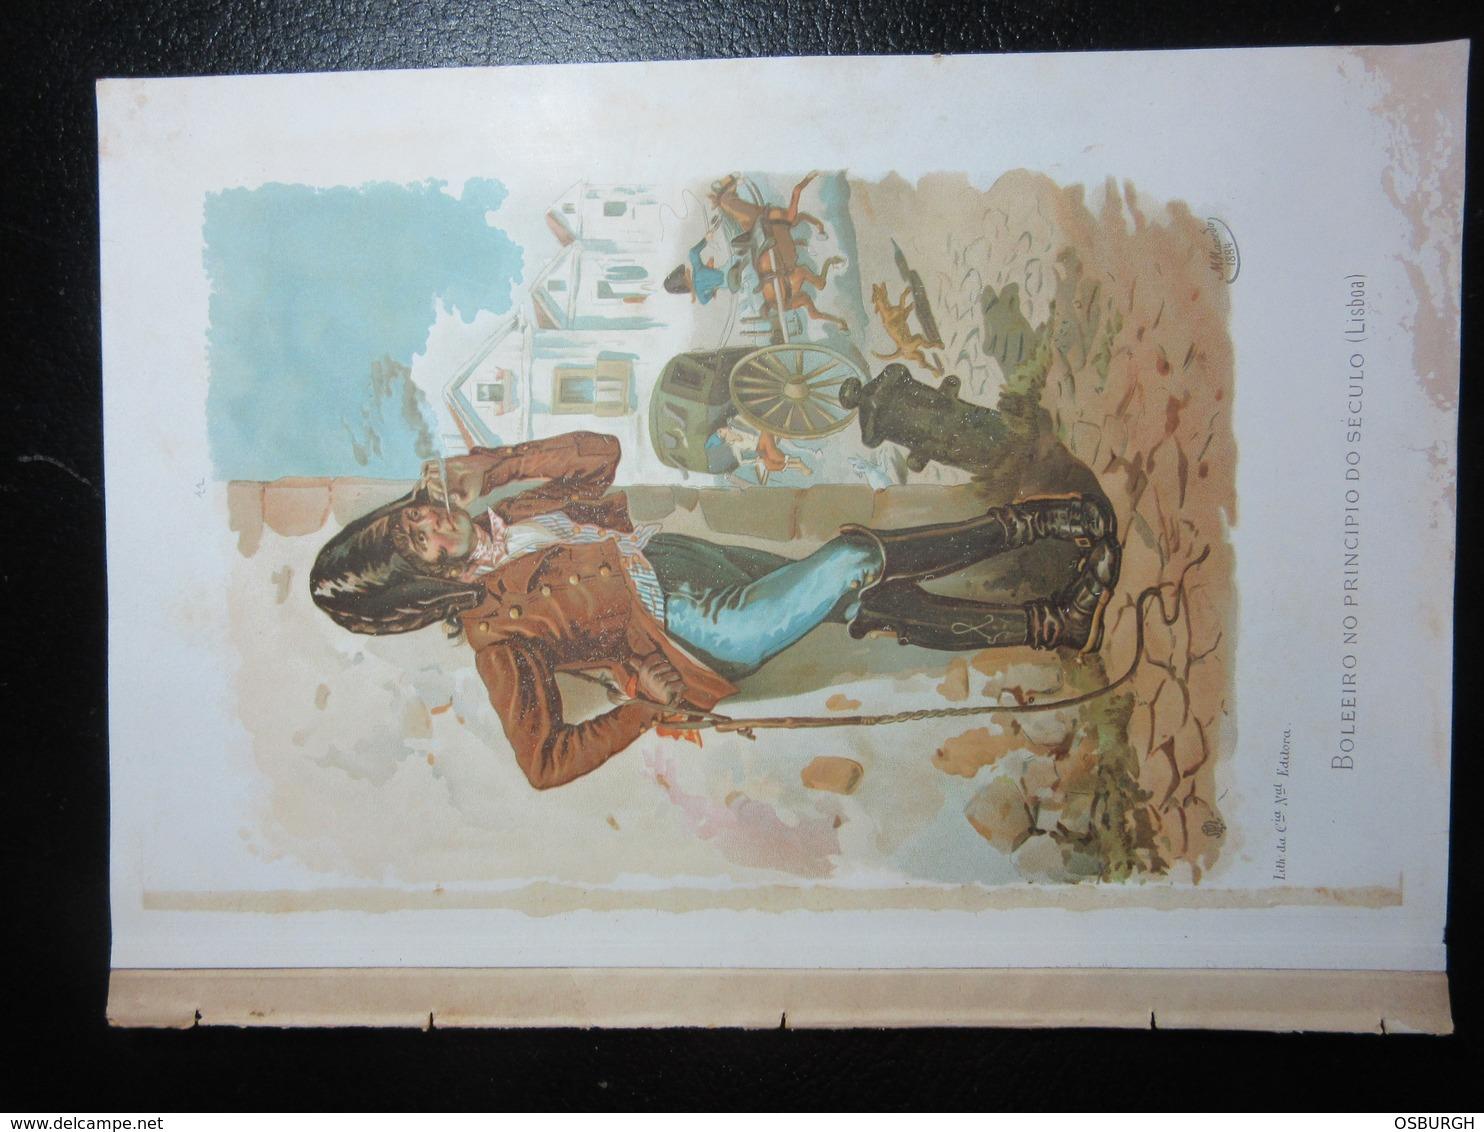 PORTUGAL. COLOUR PRINT. LOCAL COSTUMES. M MACEDO. BOLEEIRO NO PRINCIPIO DO SECULO. REMOVED FROM A BOOK - Prints & Engravings